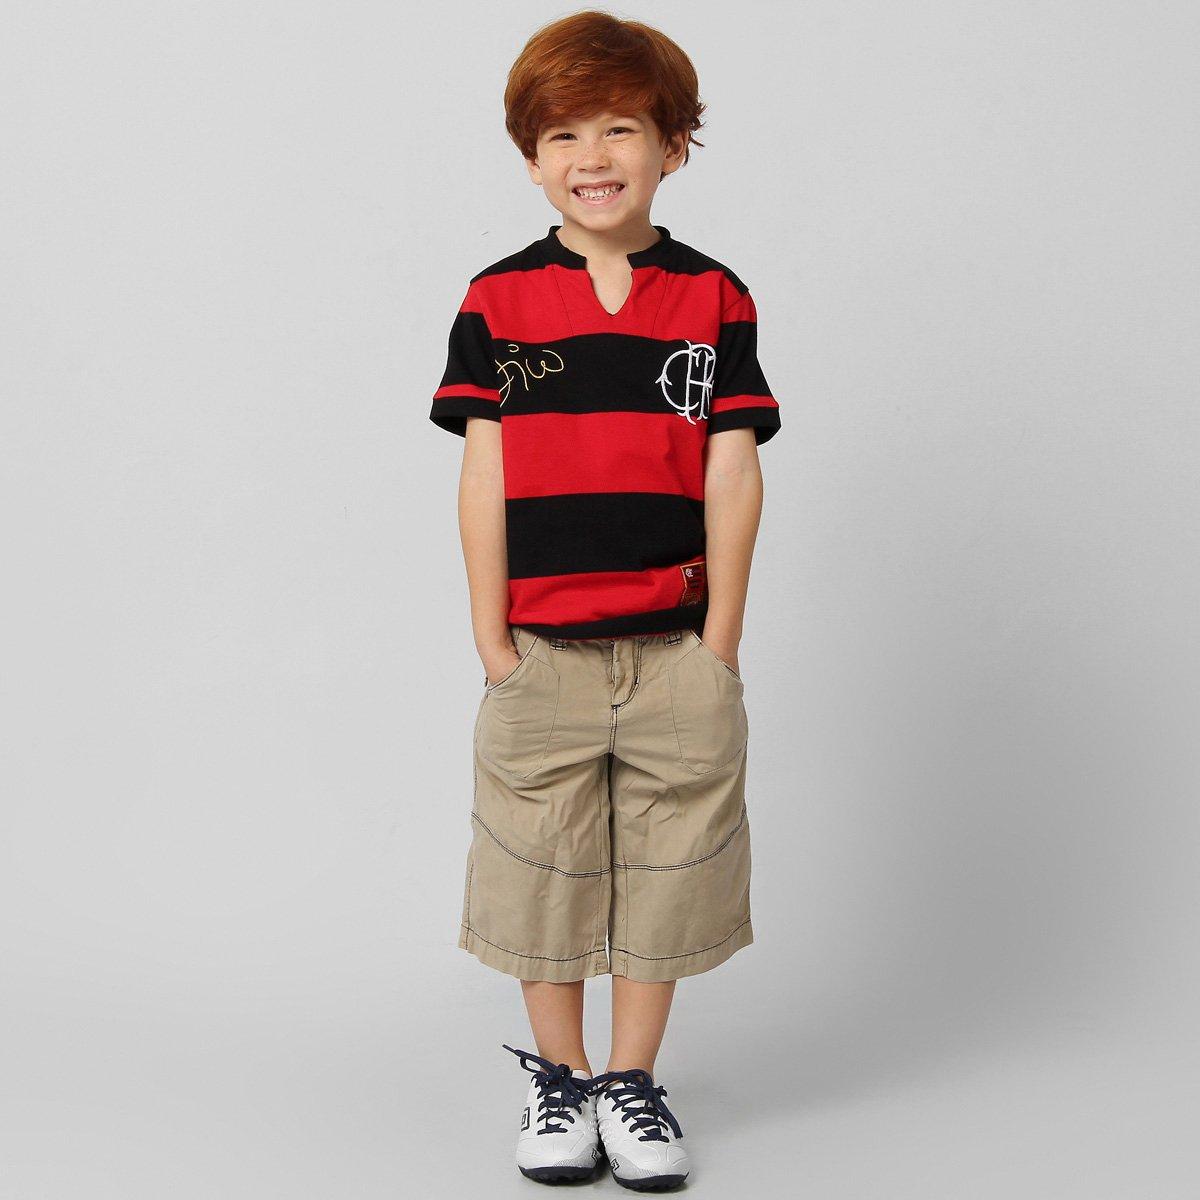 Camiseta Flamengo Retrô - Zico Infantil - Vermelho e Preto - Compre ... b0dea559a2c21